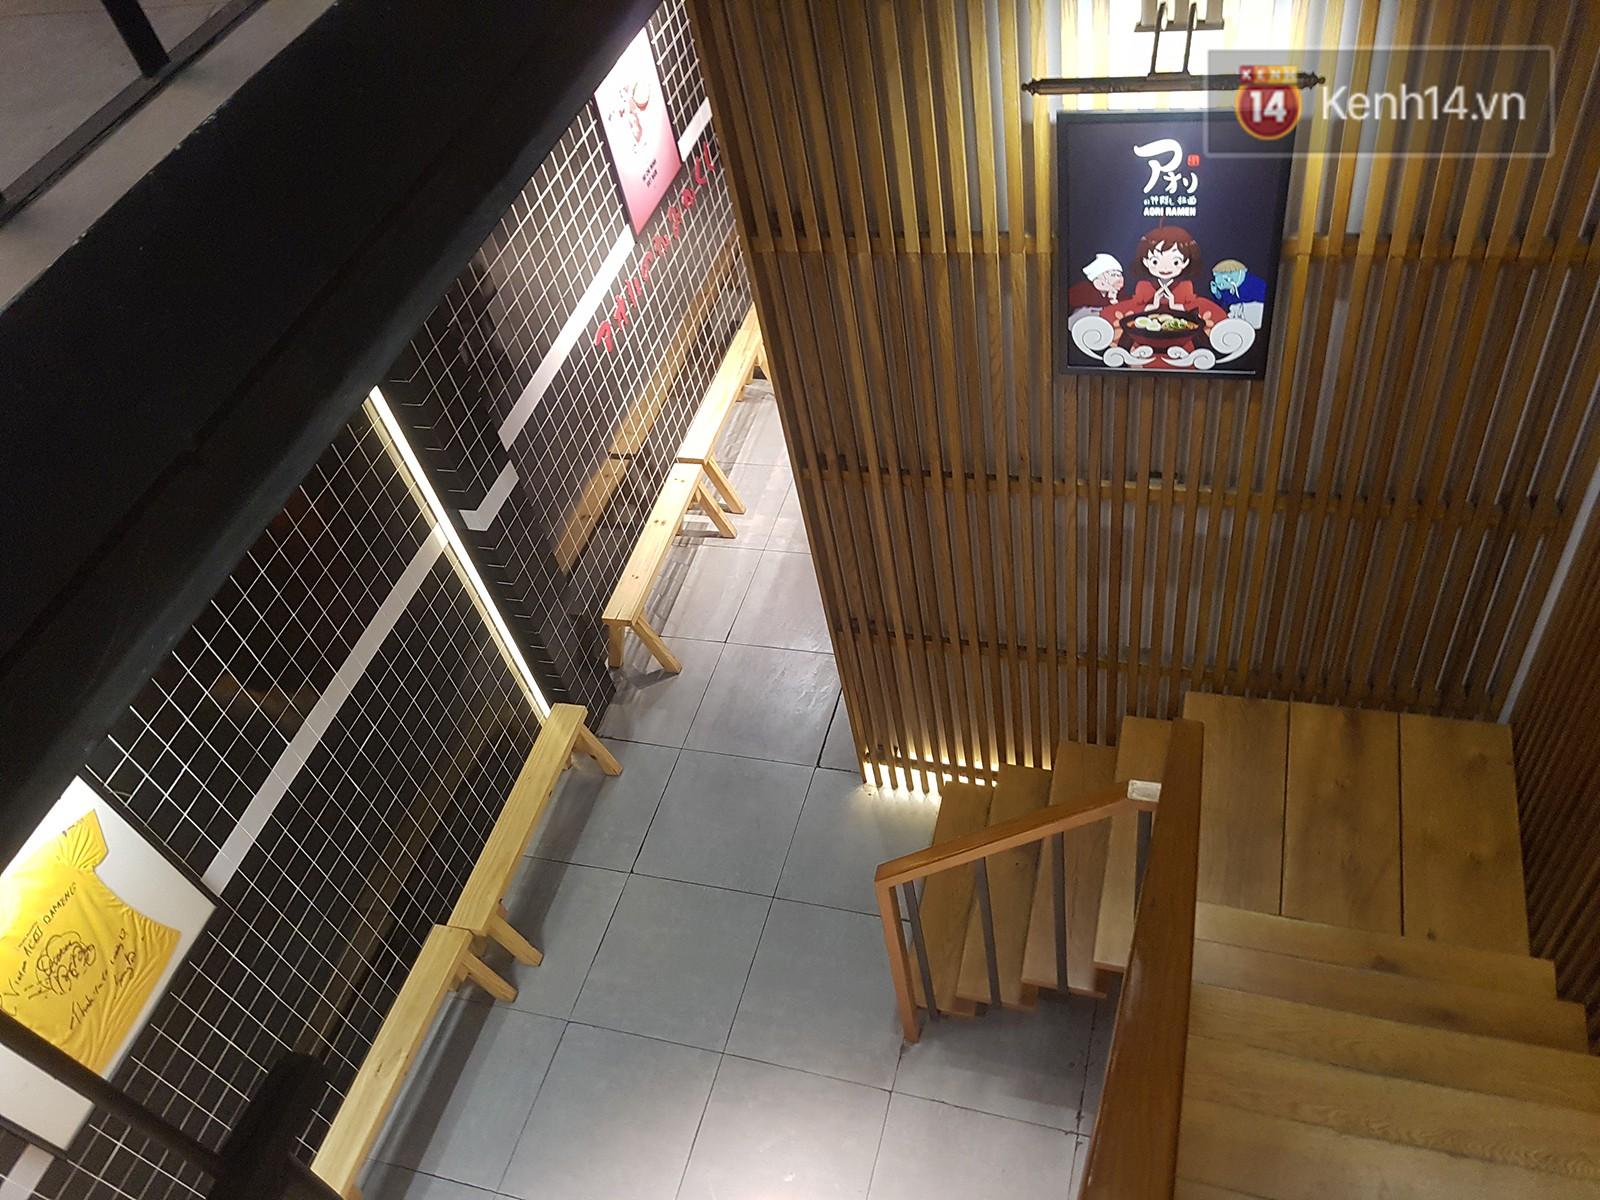 Không hơn gì bên Hàn, quán mì của Seungri tại Việt Nam cũng vắng khách: Đúng là không cần phải chờ nữa rồi! - Ảnh 7.